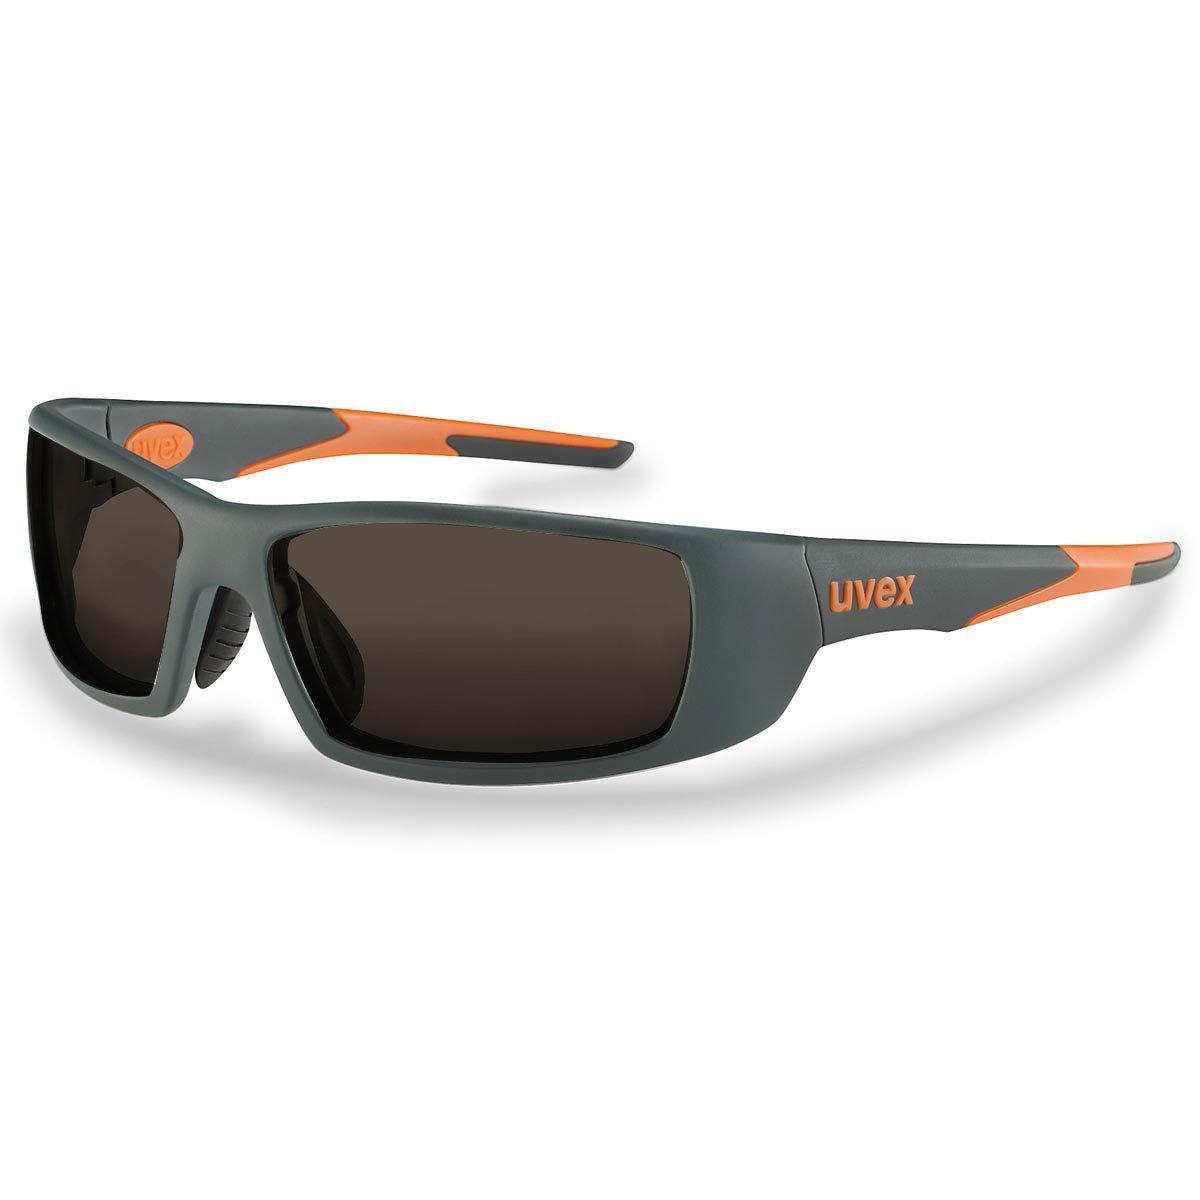 Uvex Korrektionsschutzbrille RX sp 5512 orange - braun getönt